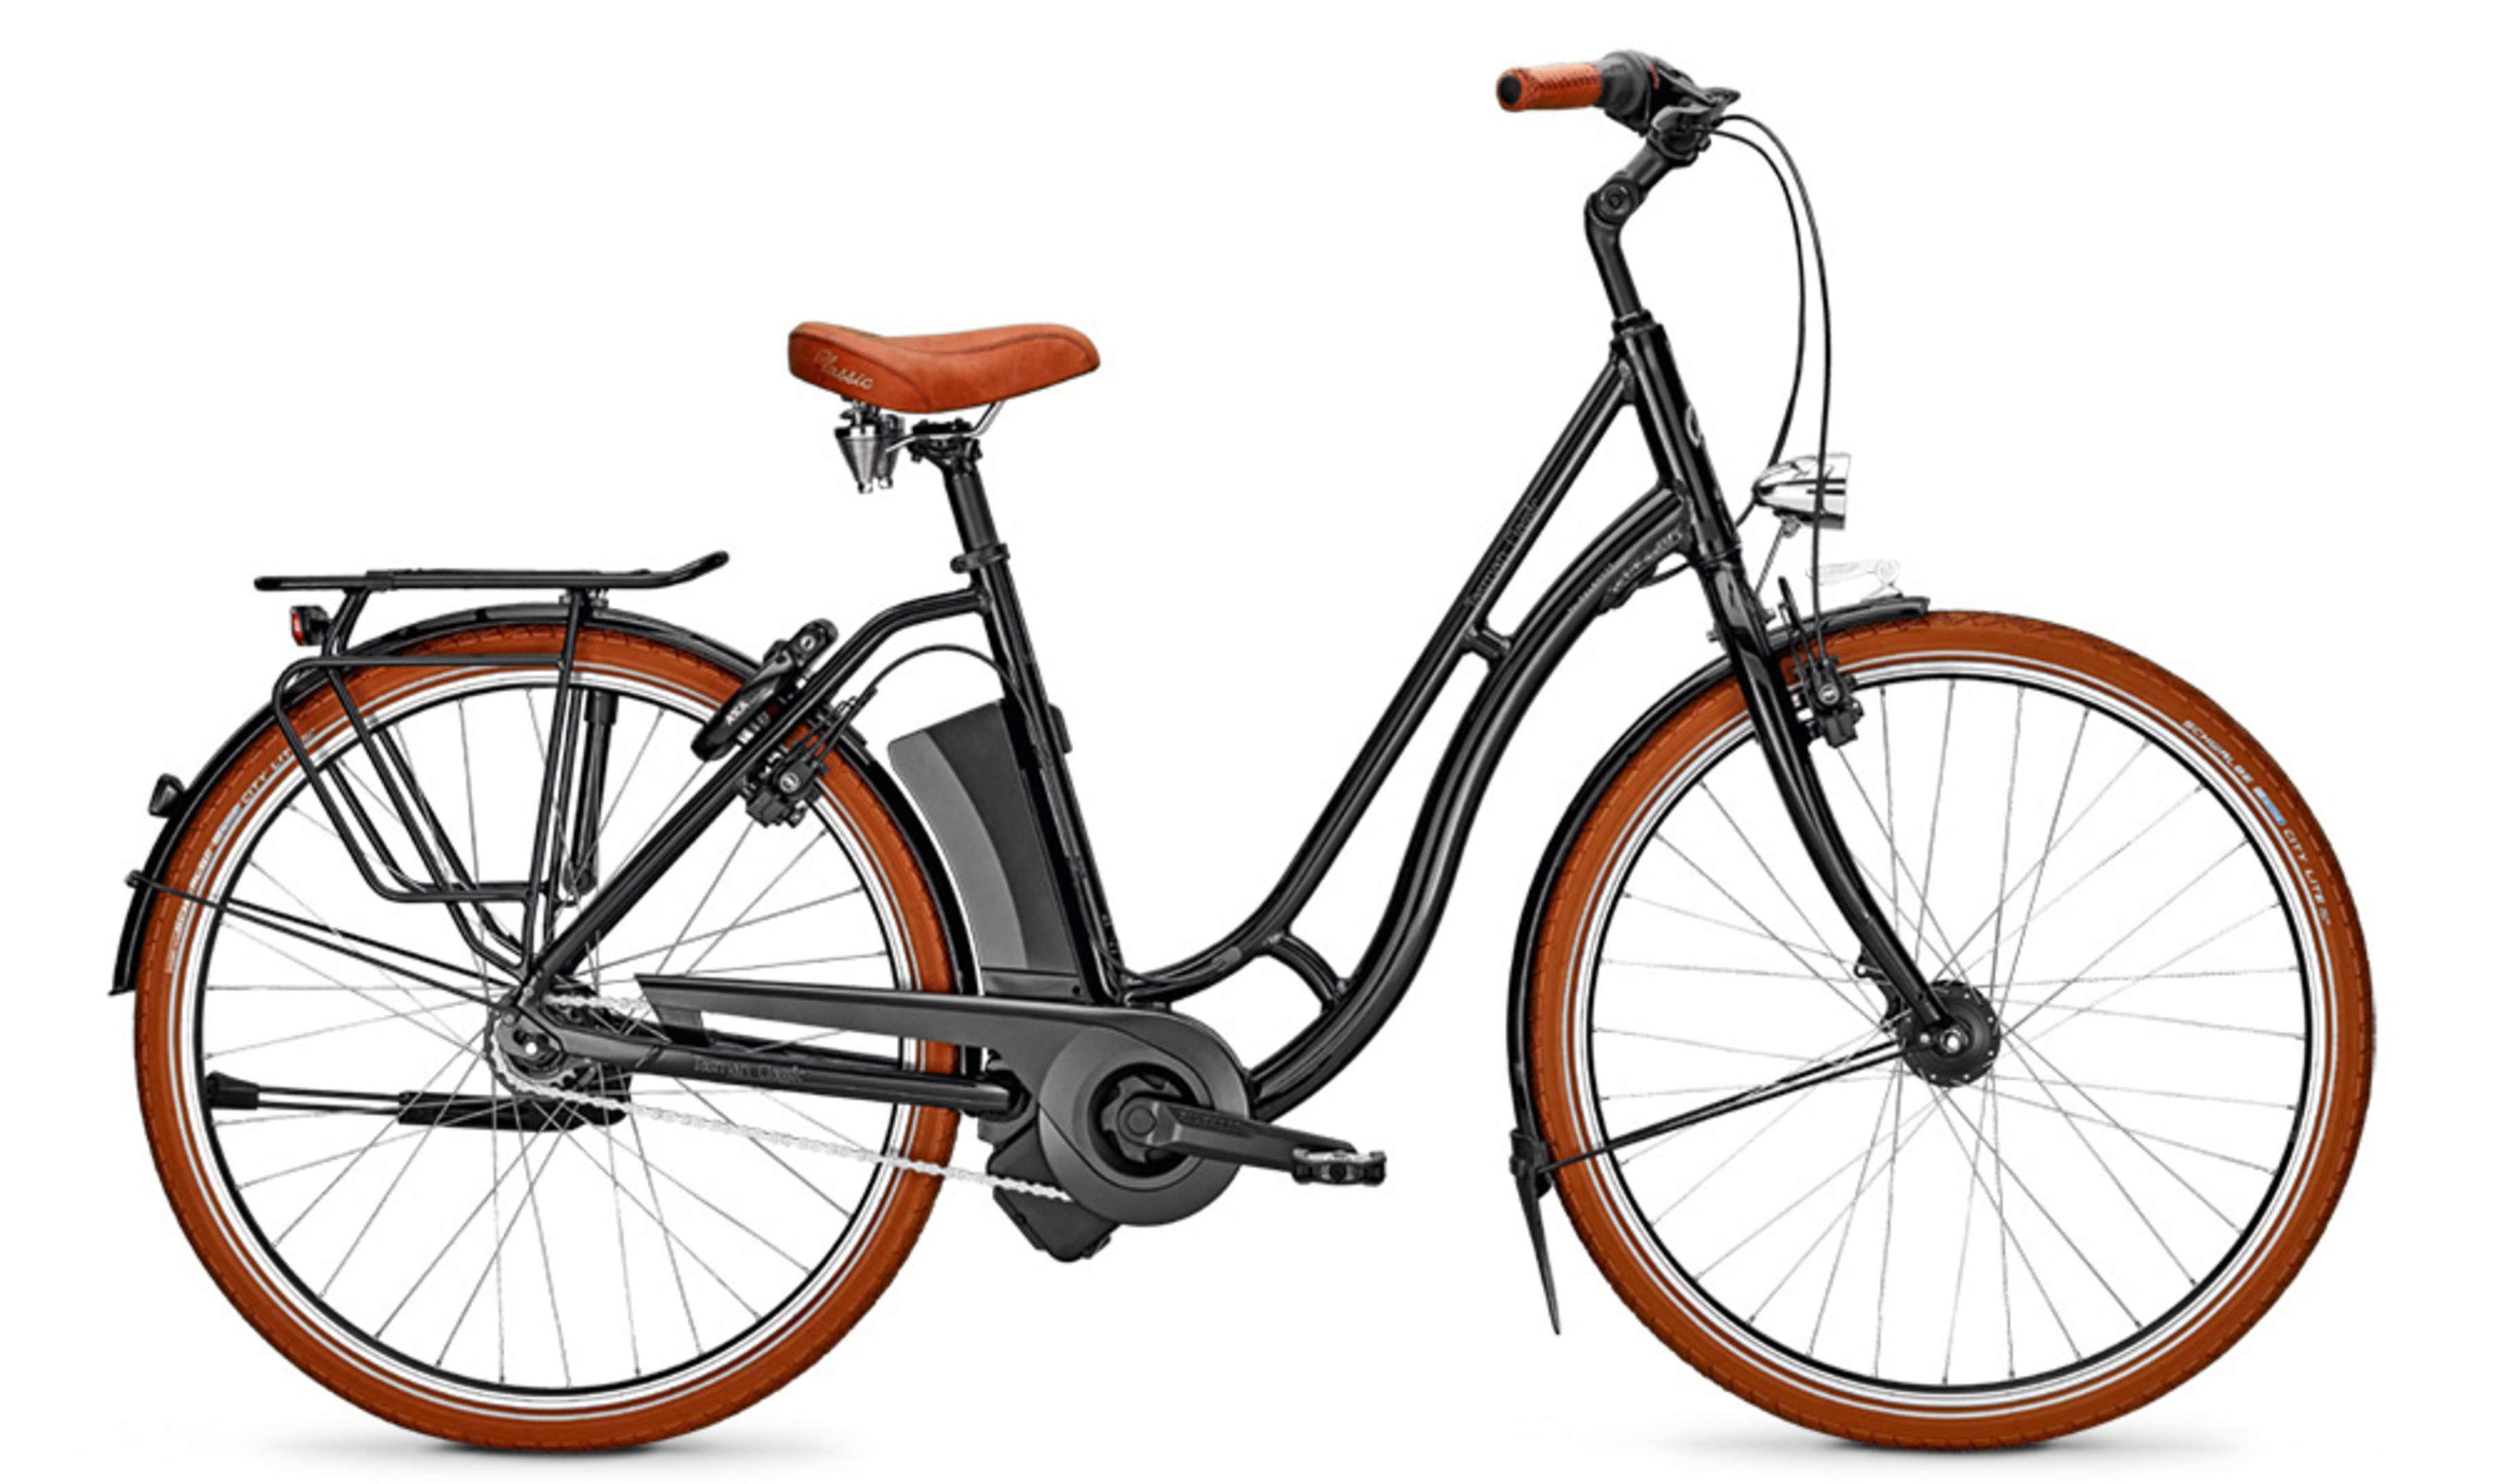 kalkhoff e bike tasman classic i8r 8g 17ah 36v eurorad. Black Bedroom Furniture Sets. Home Design Ideas